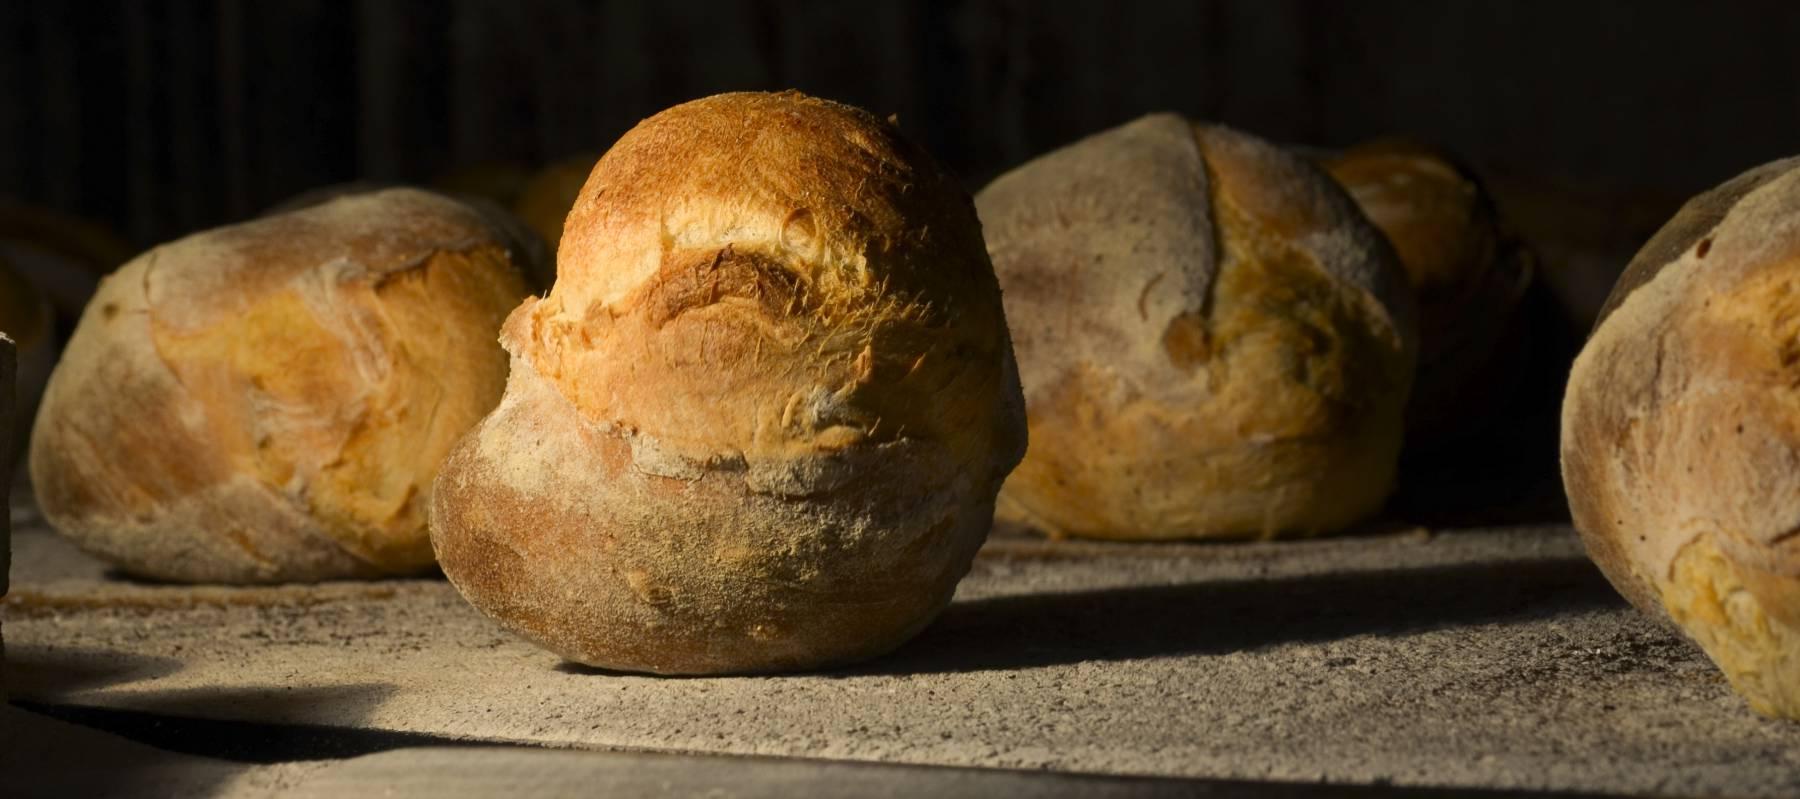 La ruta del pan de pueblo: 10 maravillas que no pueden desaparecer